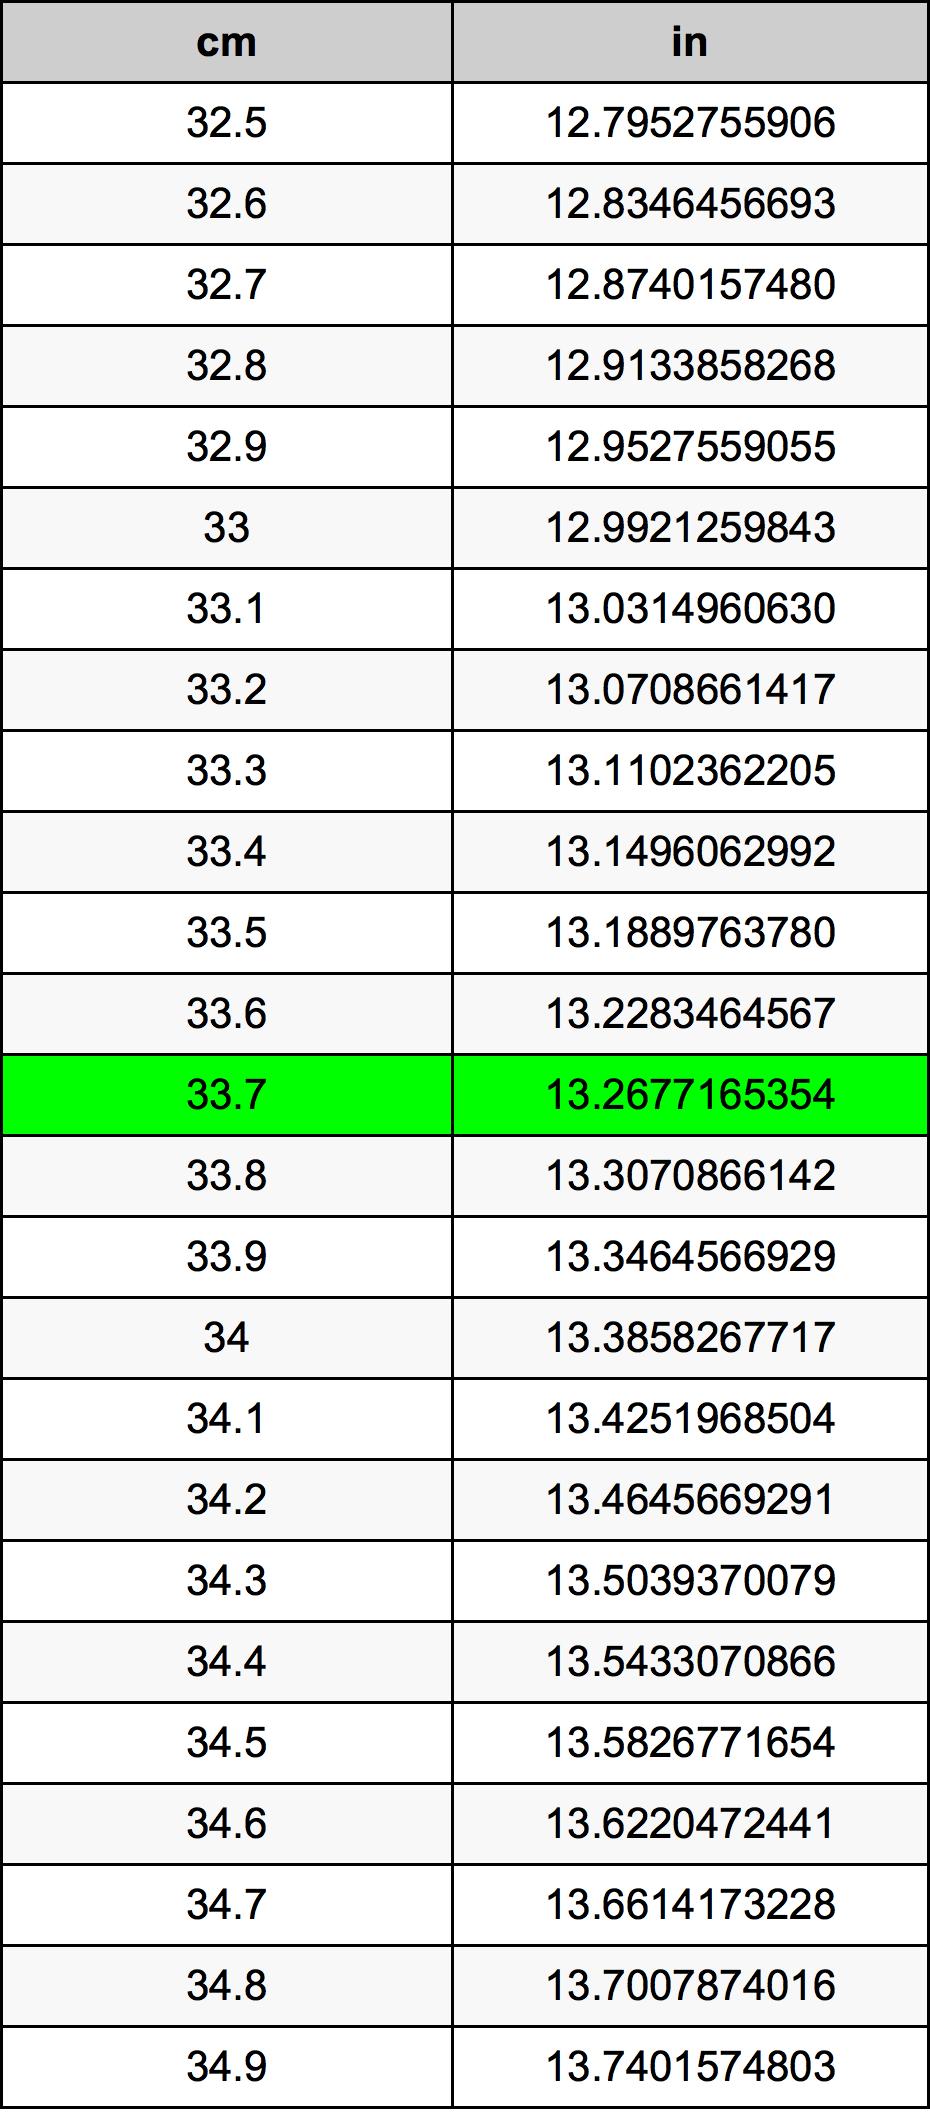 33.7 сантиметр Таблиця перетворення